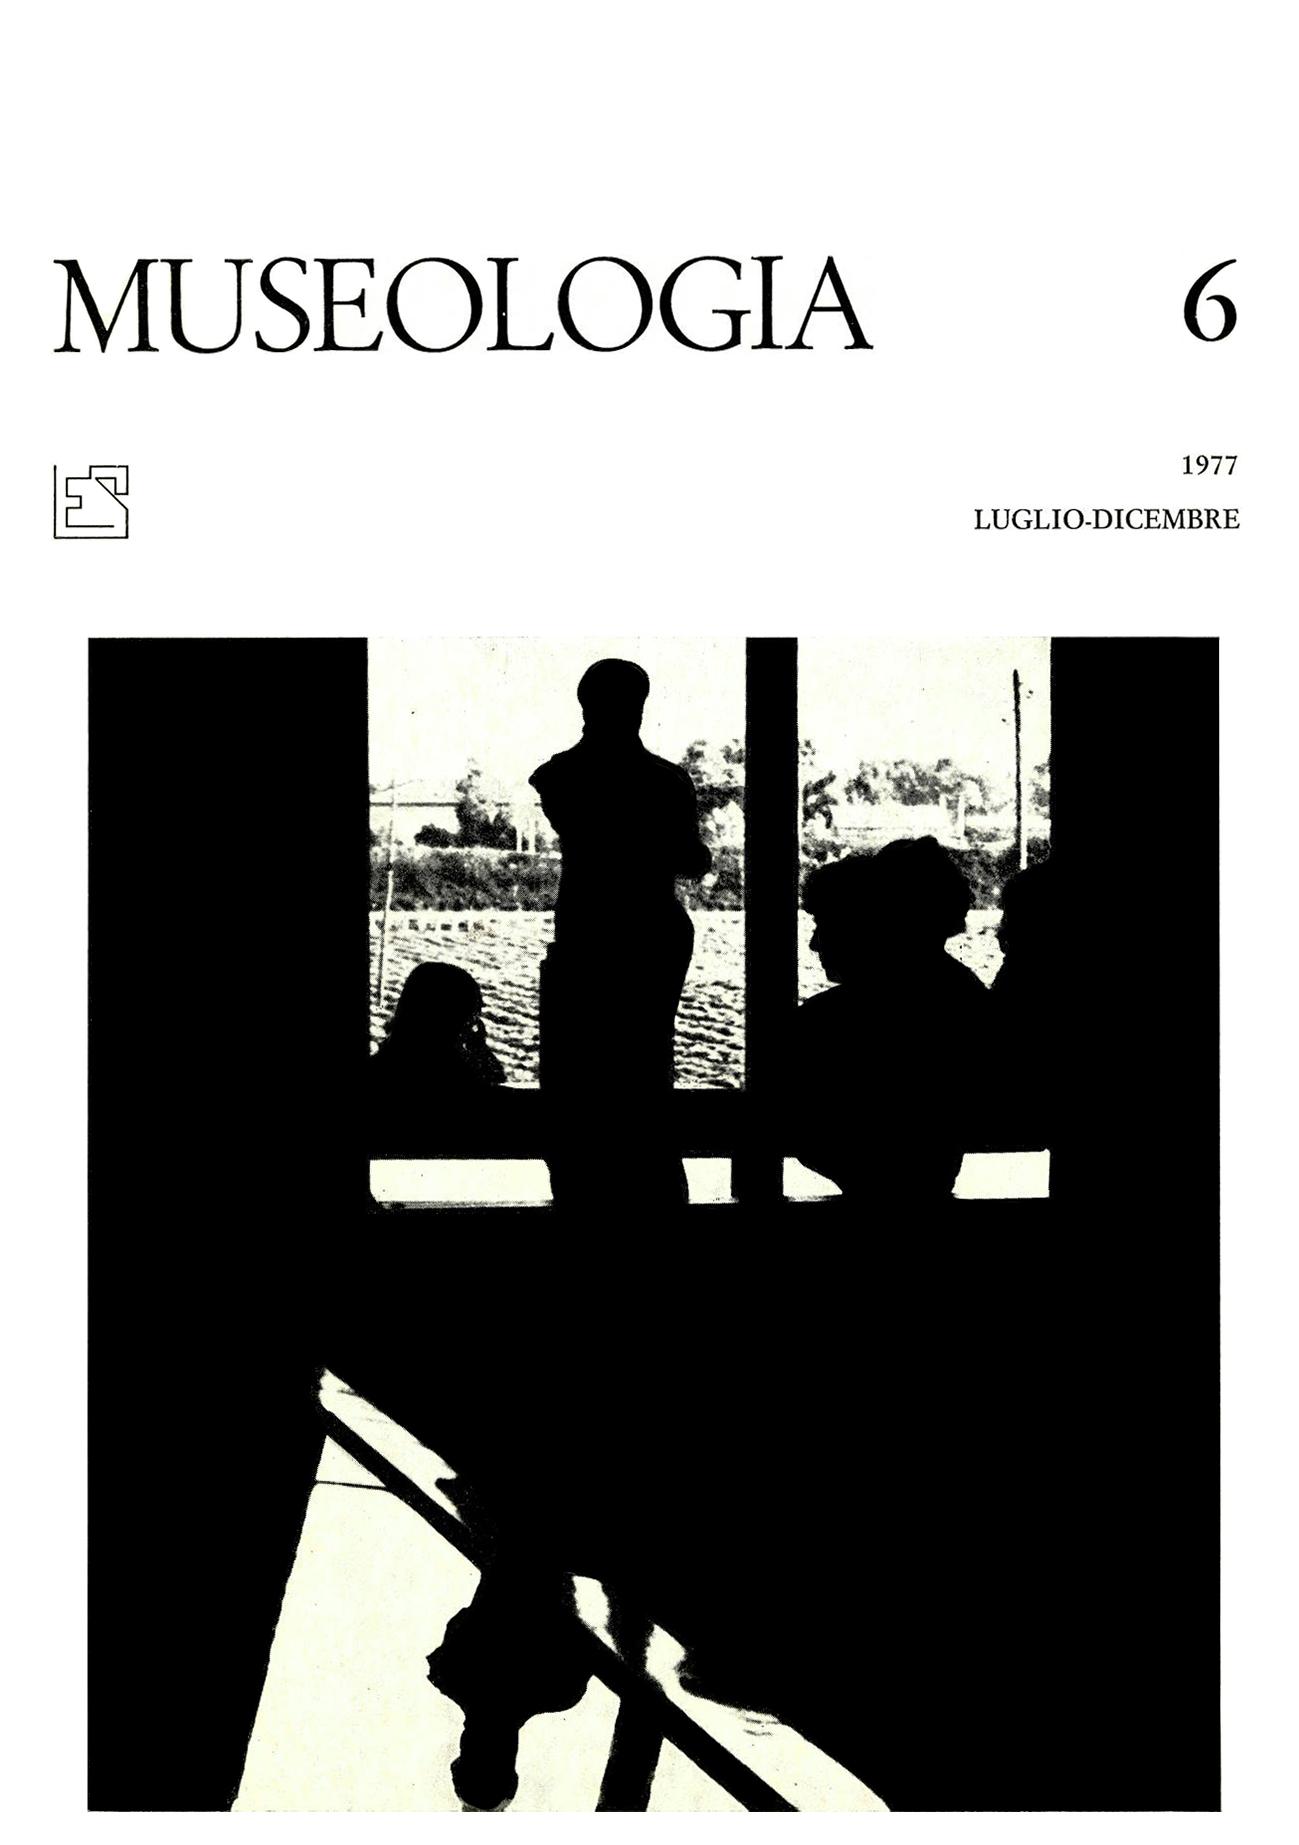 Museologia n°6, Luglio-Dicembre 1977